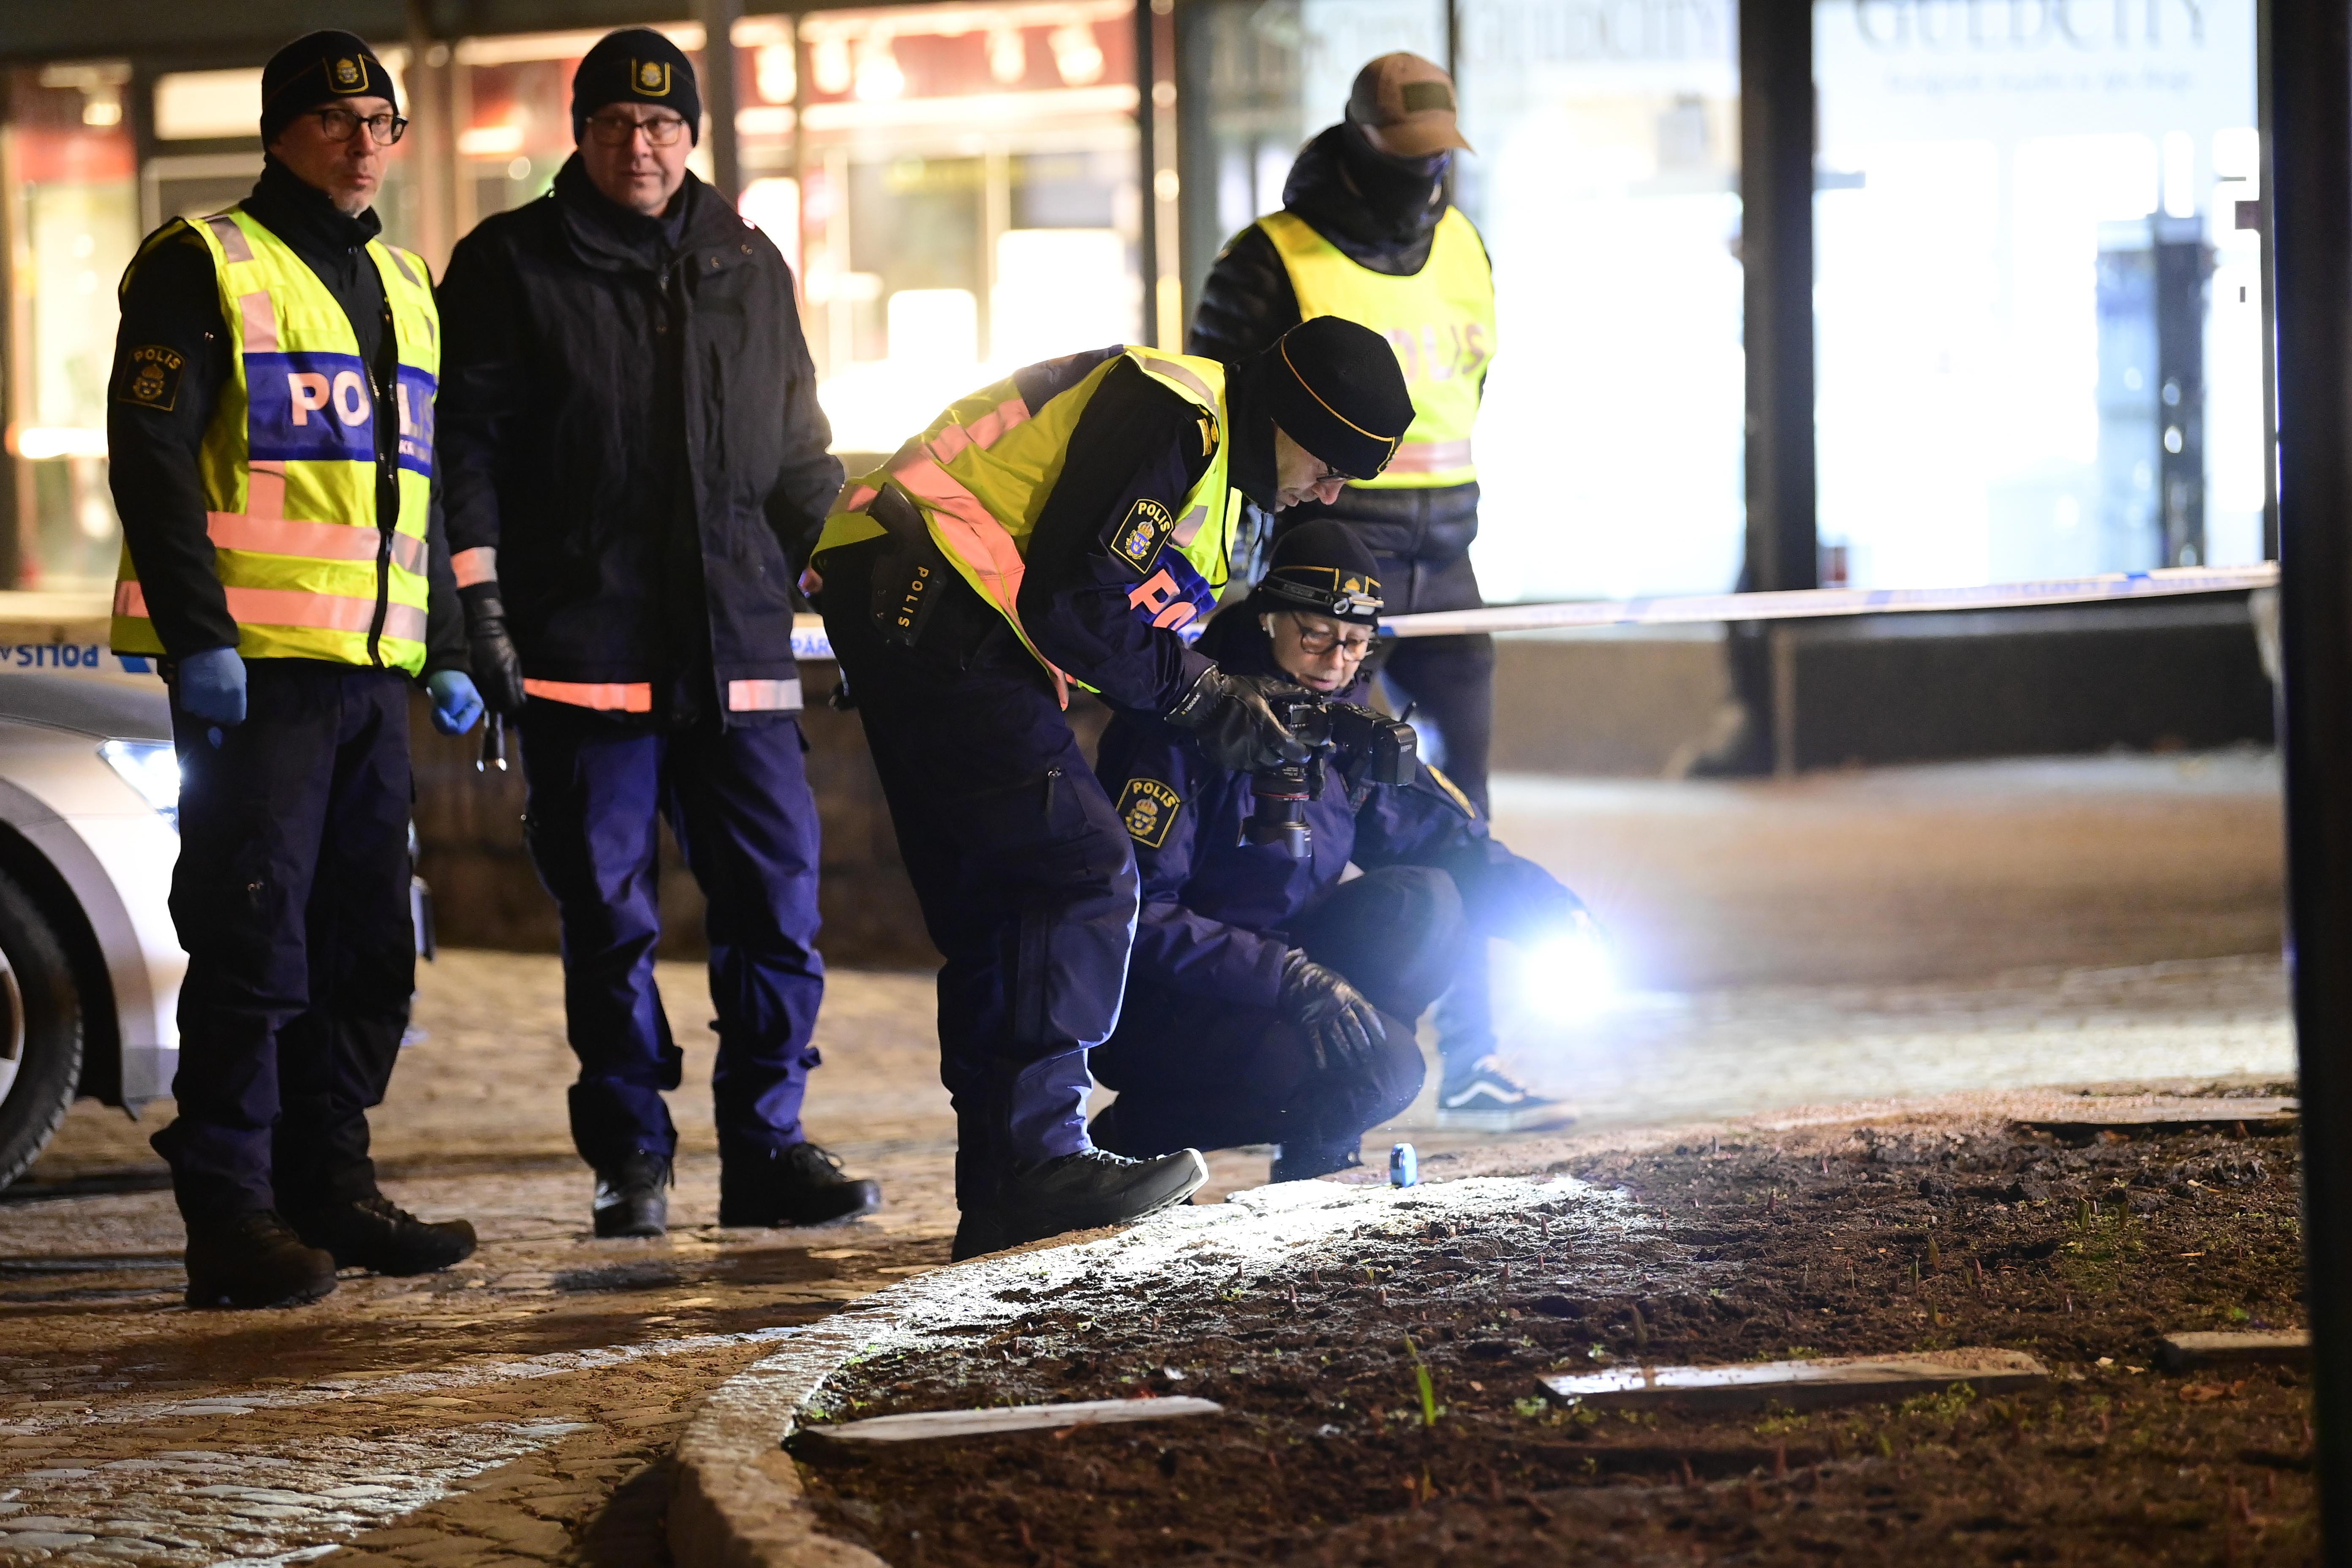 La policía investiga el lugar del suceso, en Vetlanda.